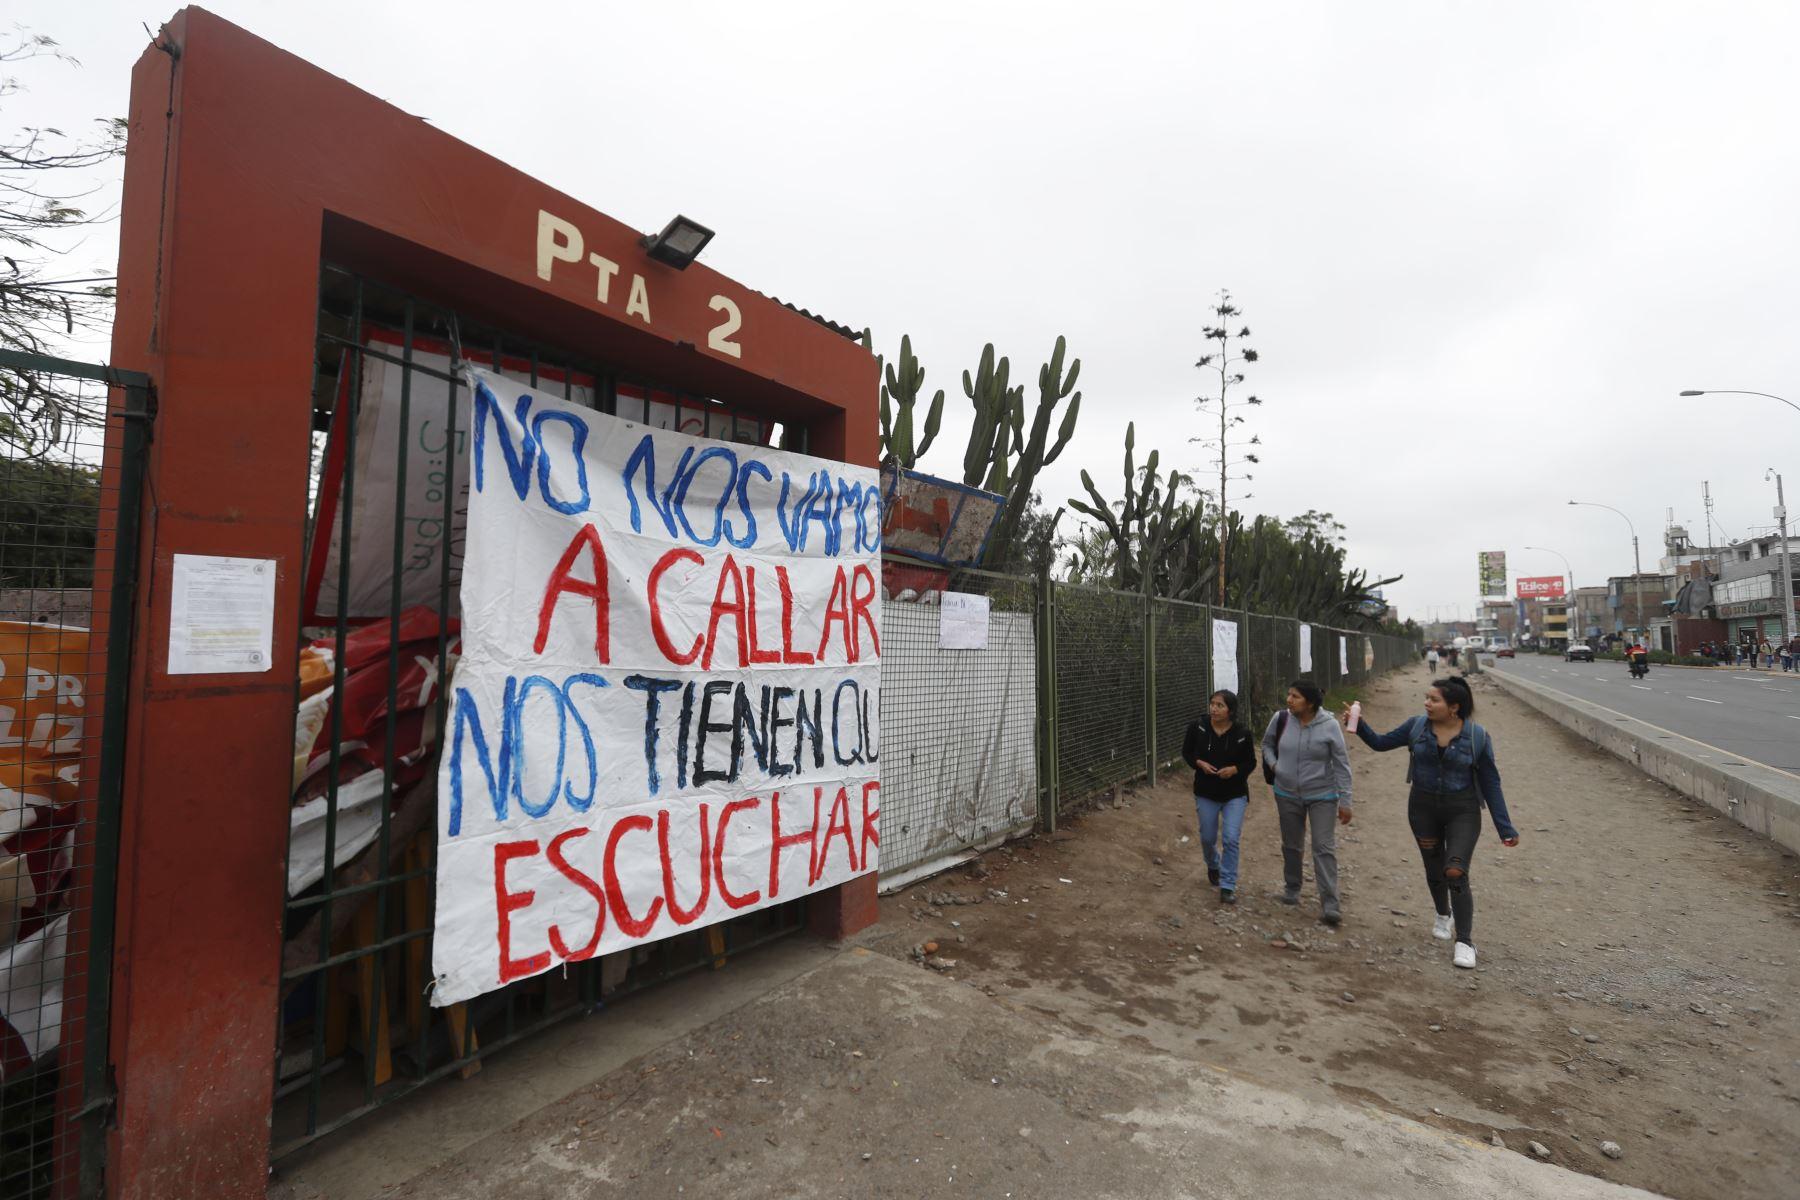 Estudiantes de la universidad San Marcos, bloquean las principales calles  cerca a la ciudad universitaria en protesta contra la construcción del bypass